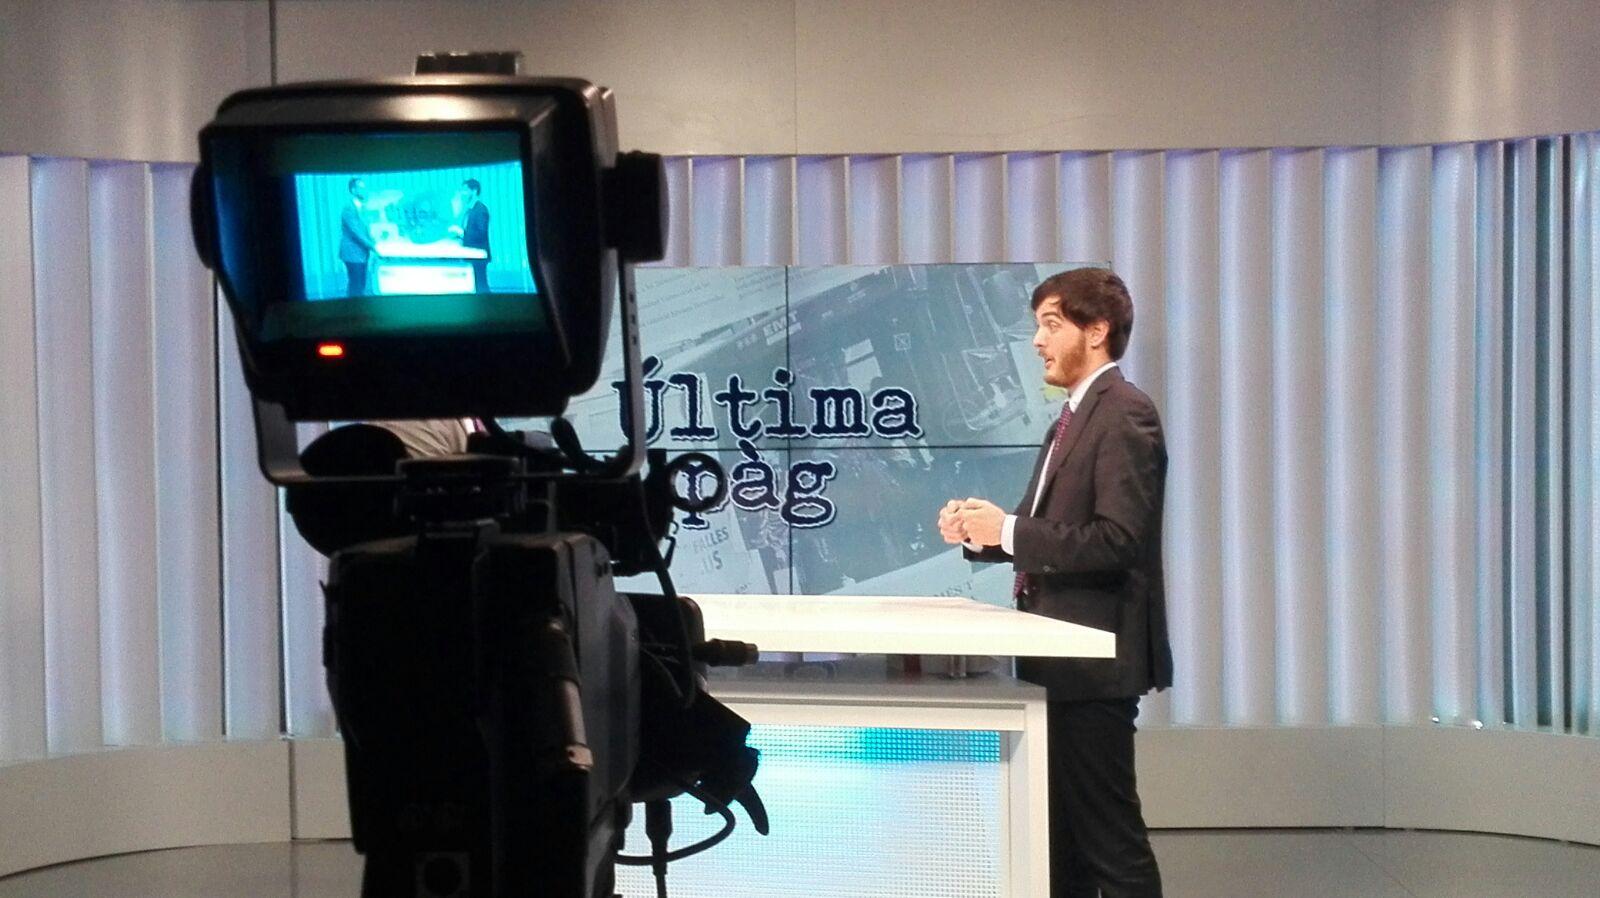 ENTREVISTA A ALBERTO AZNAR EN LEVANTE TV